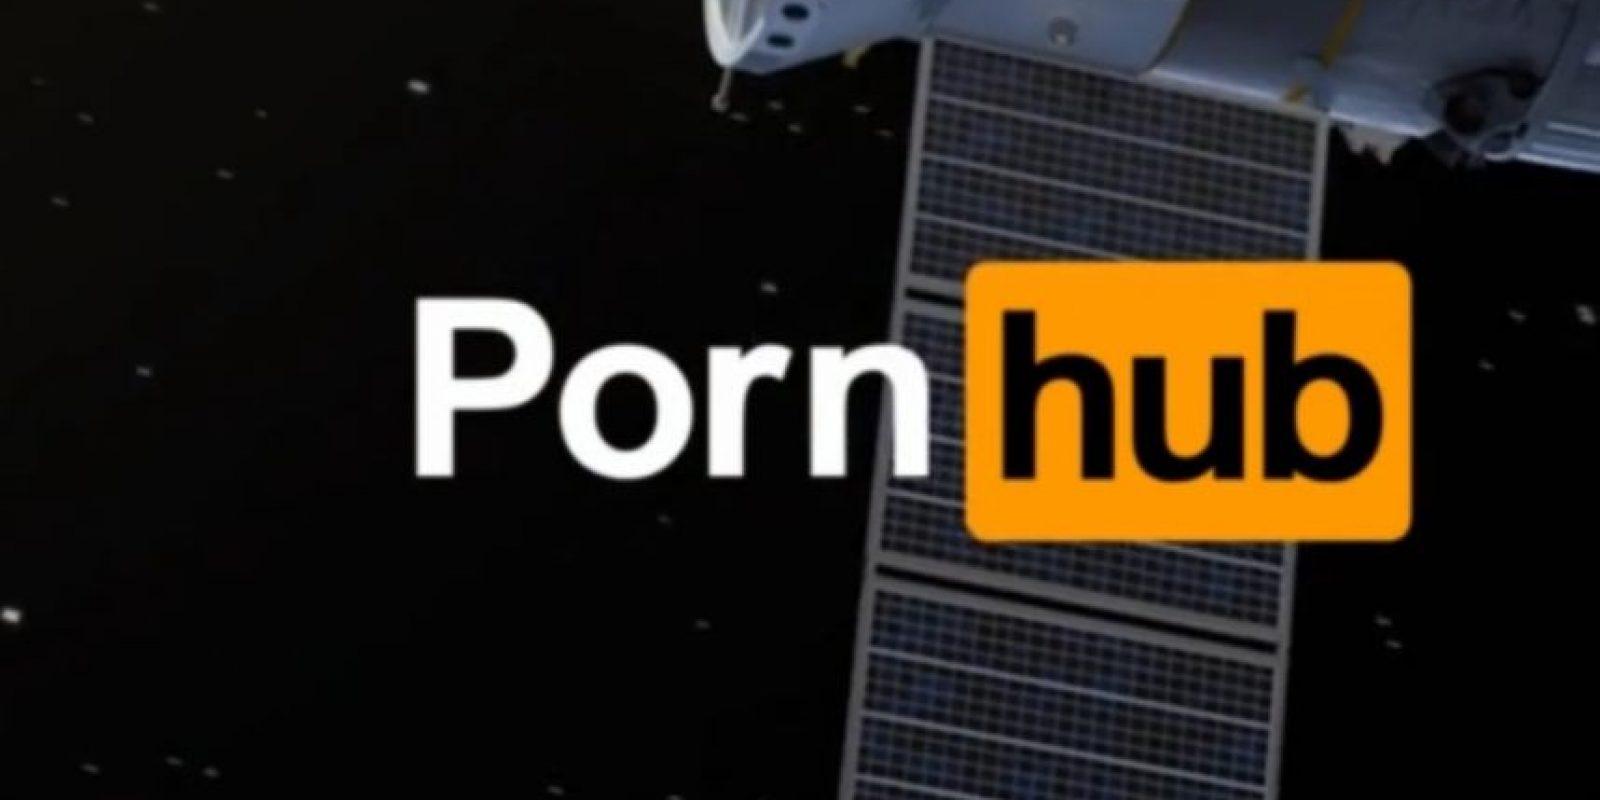 """Su nombre es """"Sexploration"""" y está tratando de recaudar tres millones 400 mil dólares en los próximos 30 días a través del sitio Indiegogo.com para poder llevar a cabo este """"prometedor"""" proyecto. Foto:Vía Porn Hub"""